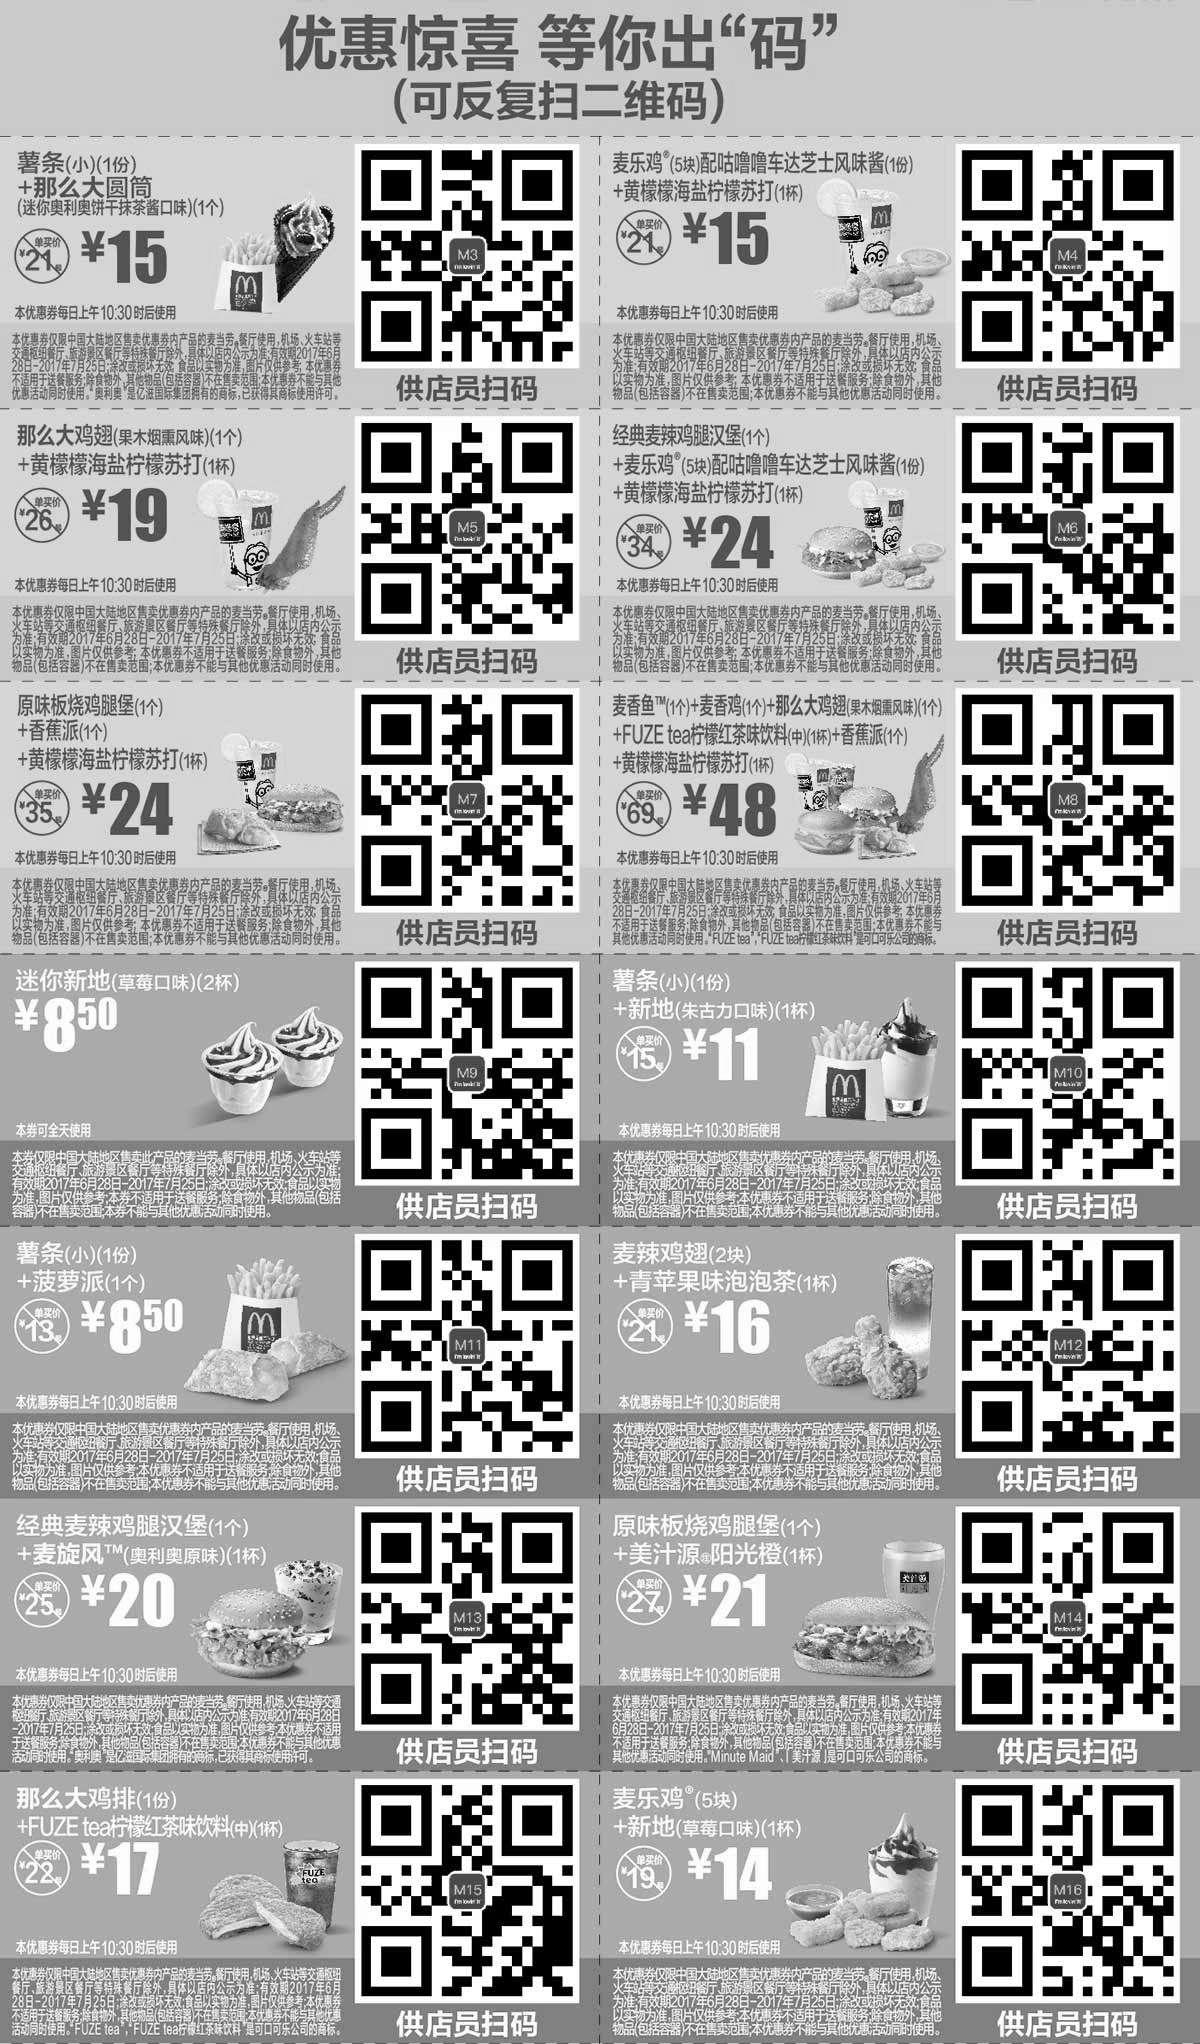 黑白优惠券图片:麦当劳优惠券2017年7月份手机版整张版本,点餐出示给店员扫码享优惠 - www.5ikfc.com